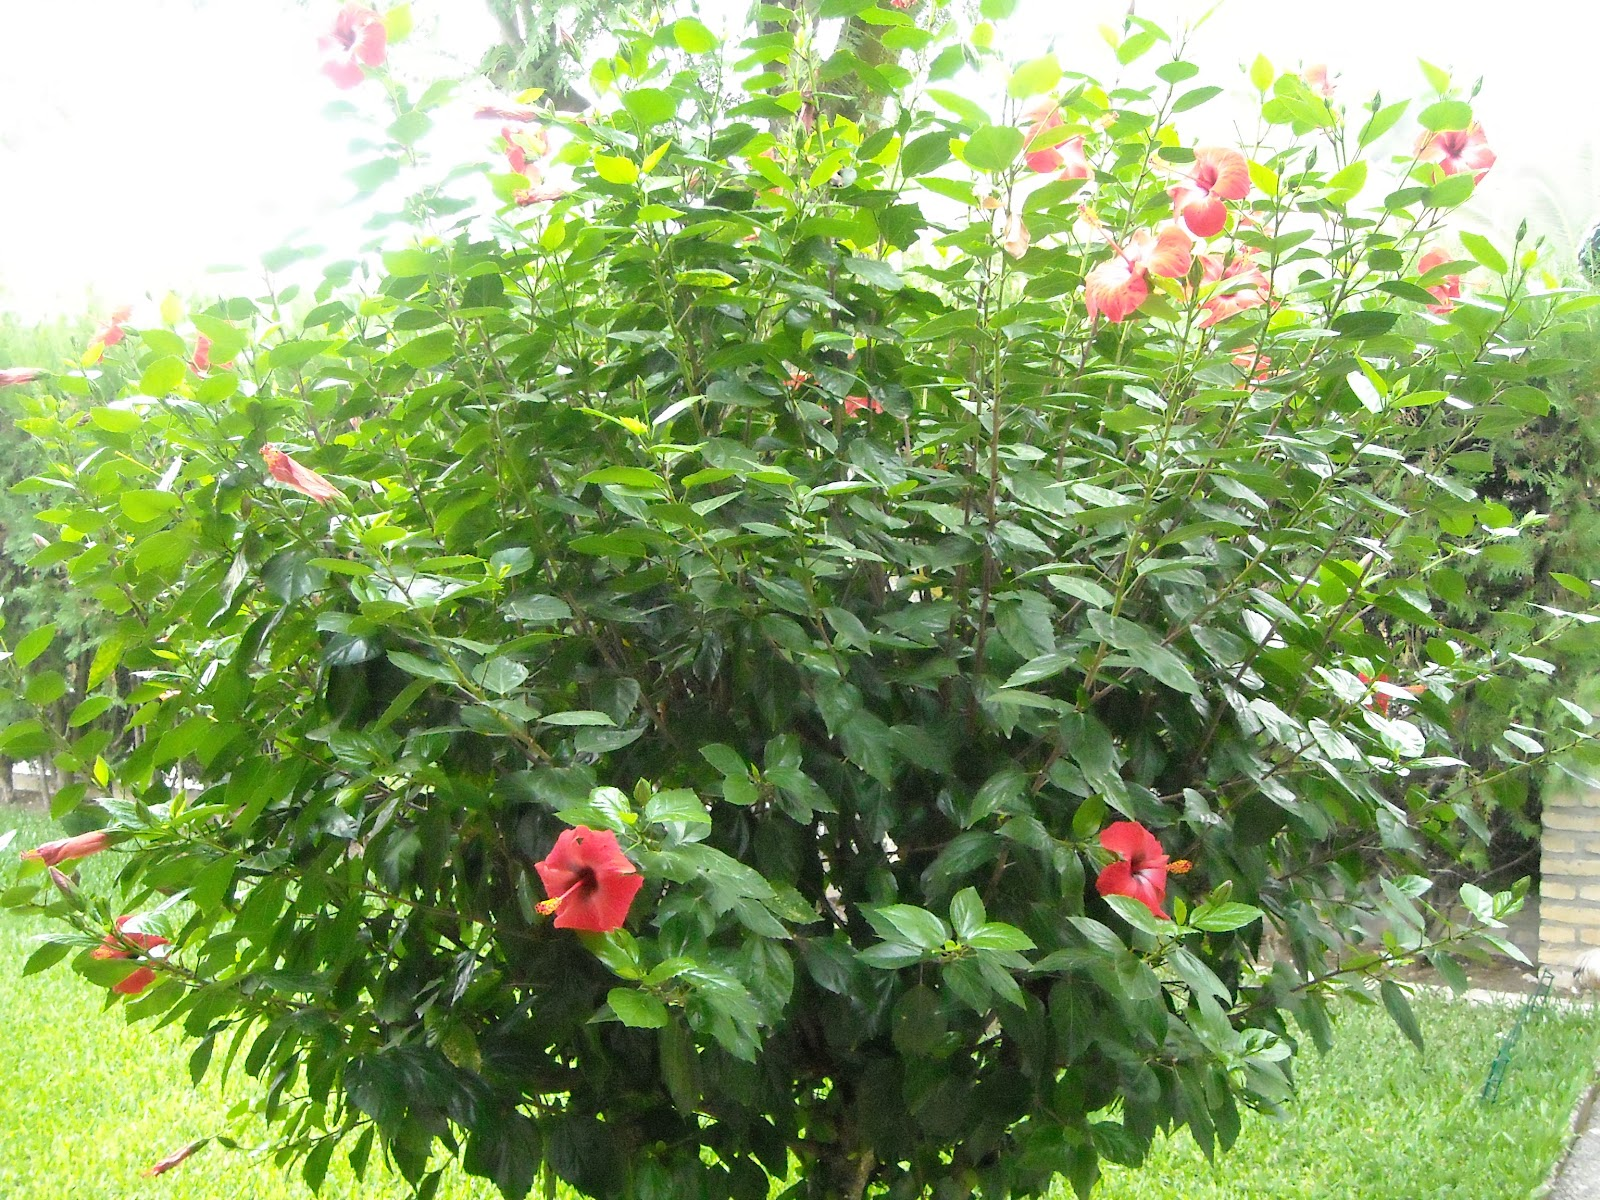 Flores y rboles pacifico rosa de china o flor del beso - Arbol de rosas ...